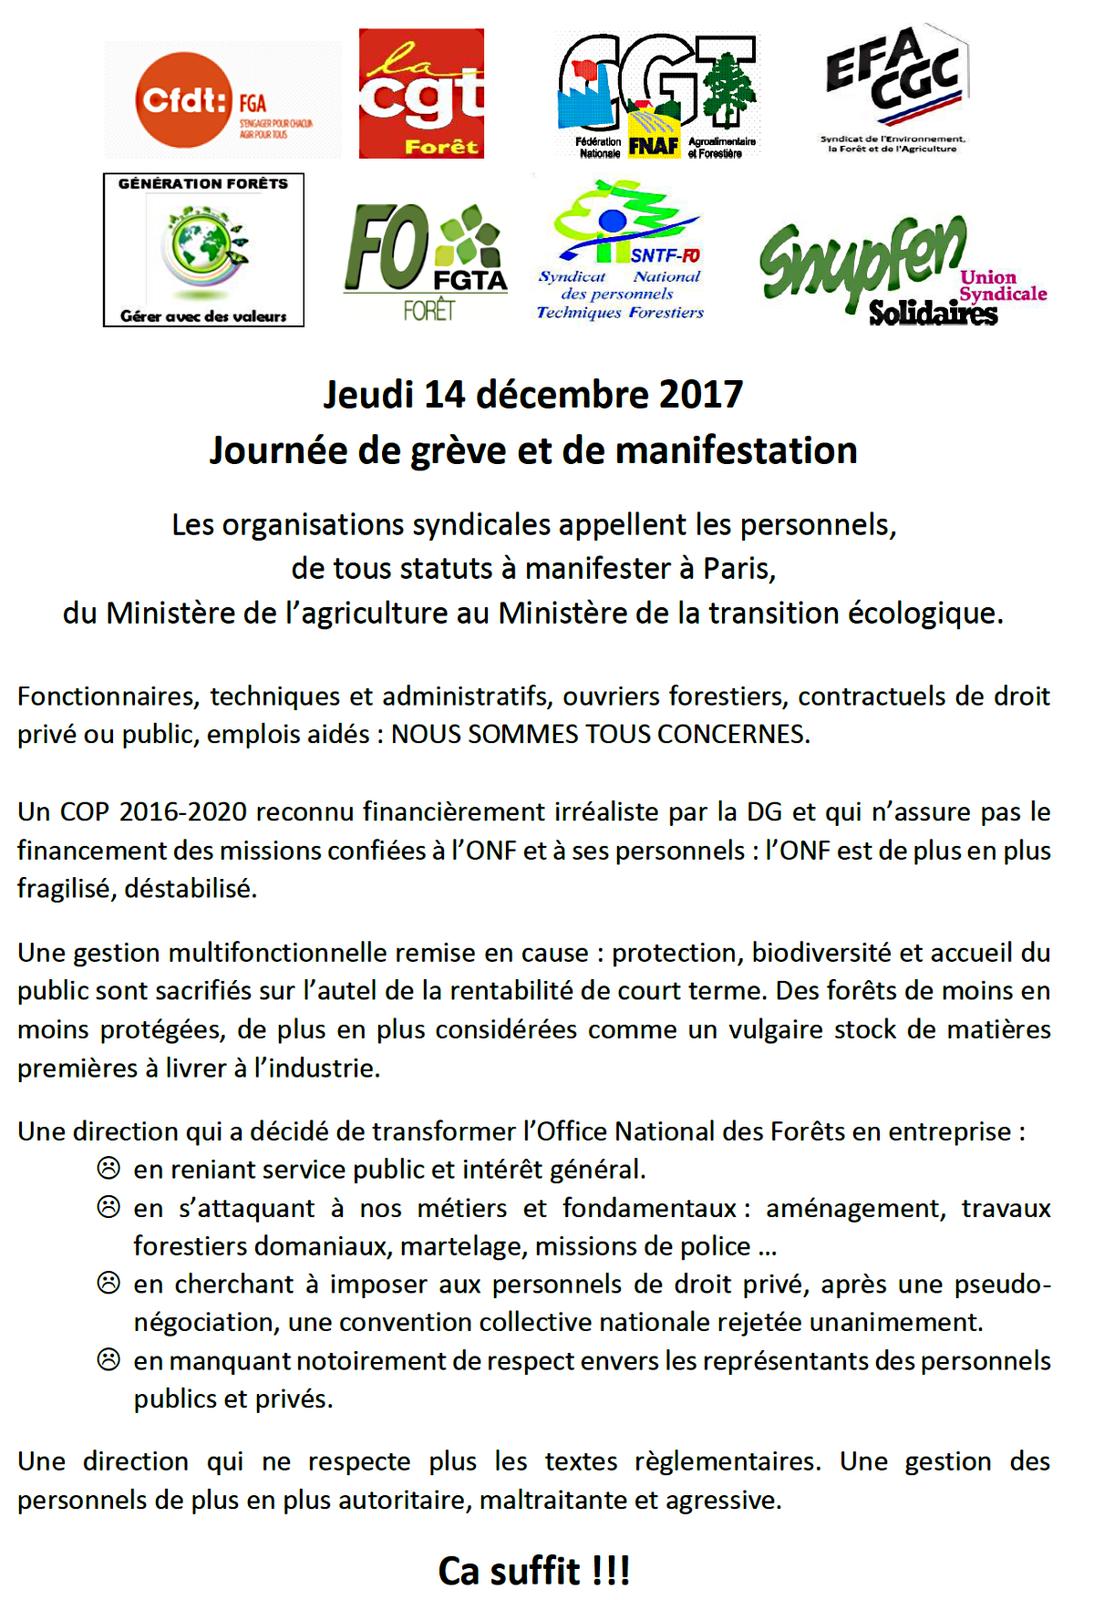 Le 14 décembre, les forestiers manifestaient à Paris pour que les missions de service public de l'ONF ne soient pas dévoyées